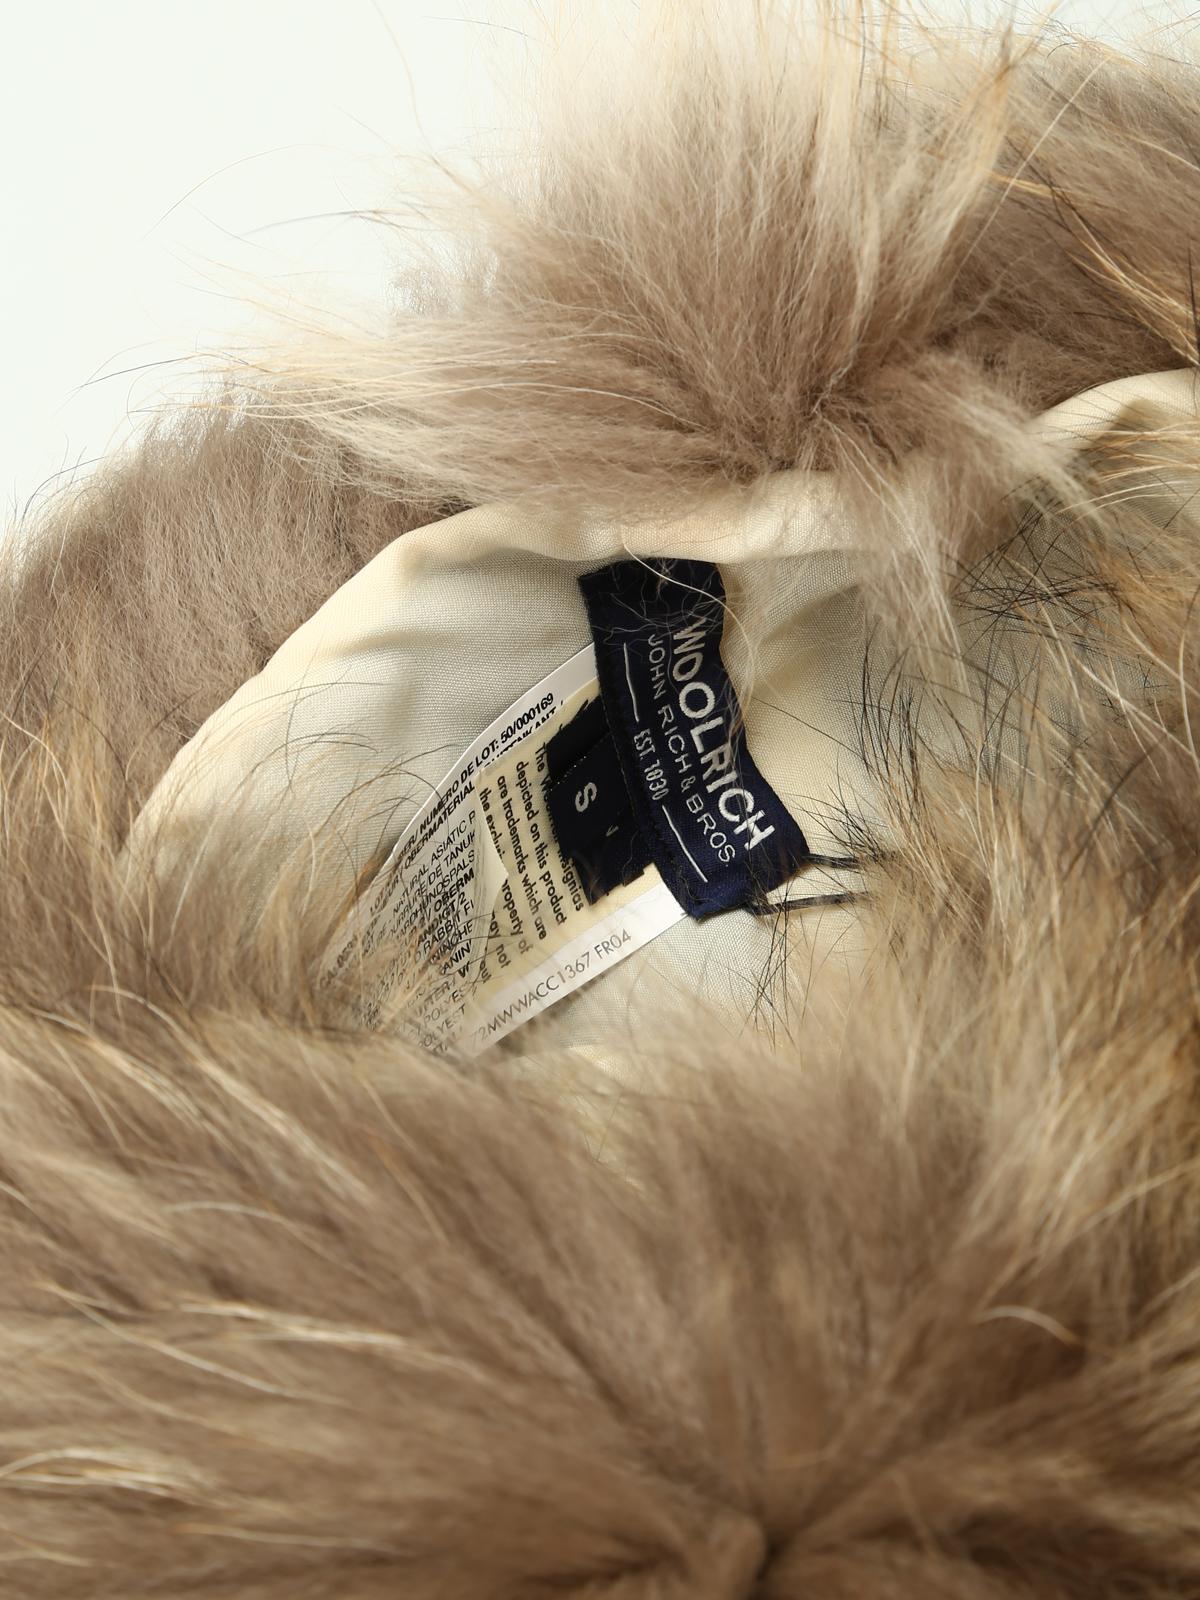 taglia 40 prese di fabbrica regno unito Woolrich - Colbacco Luxury Artic di pelliccia - cappelli ...